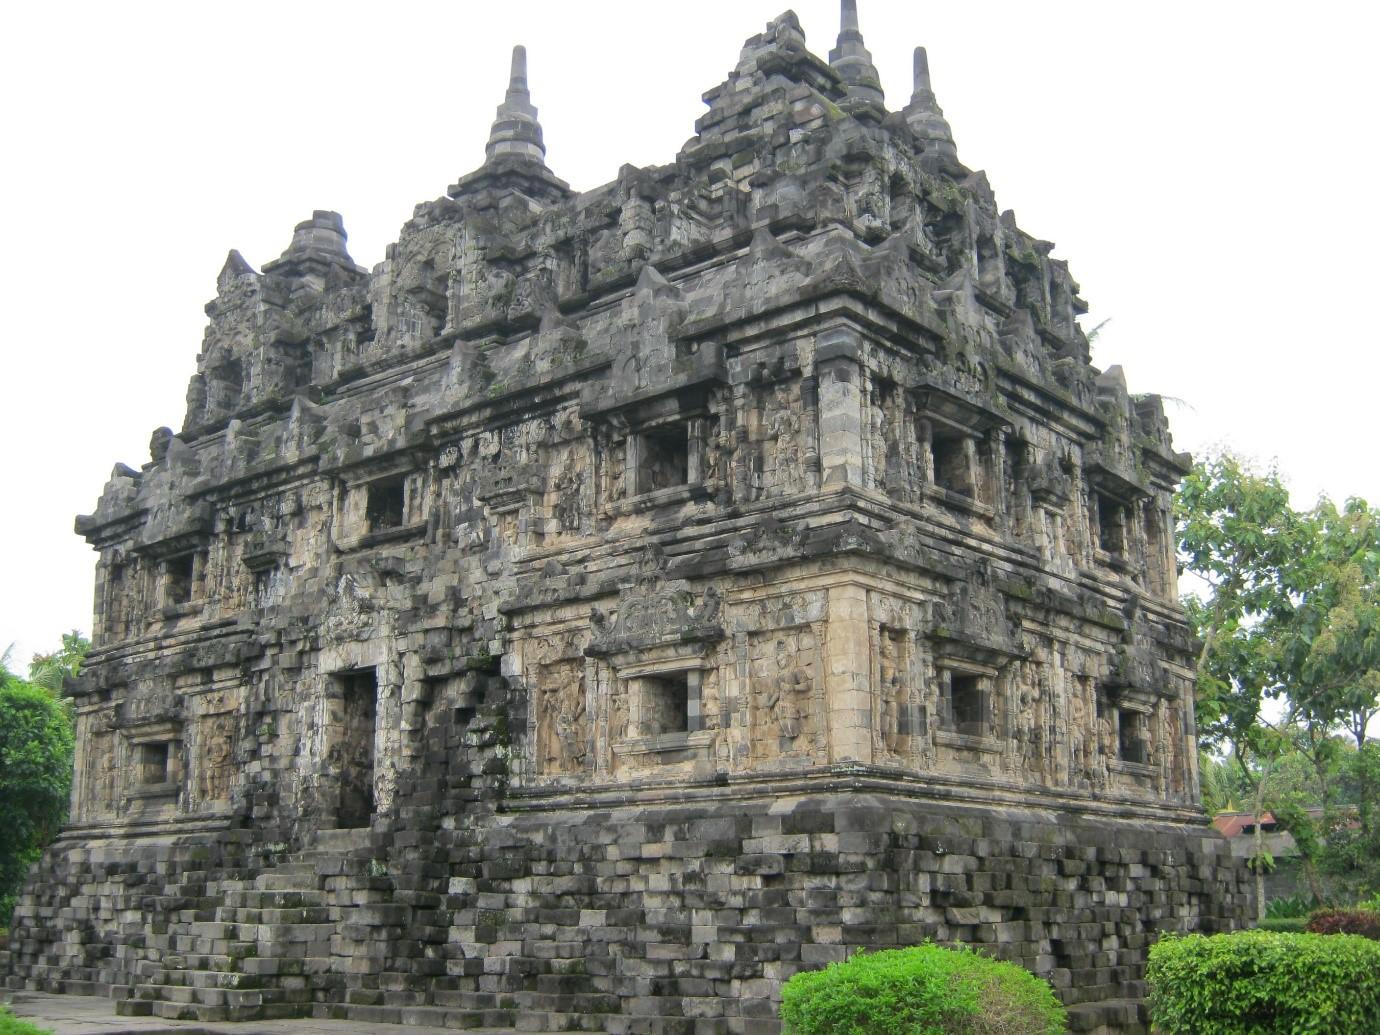 Inilah 5 Candi Tereksotis Peninggalan Bersejarah Indonesia Gunung Sari Sumber